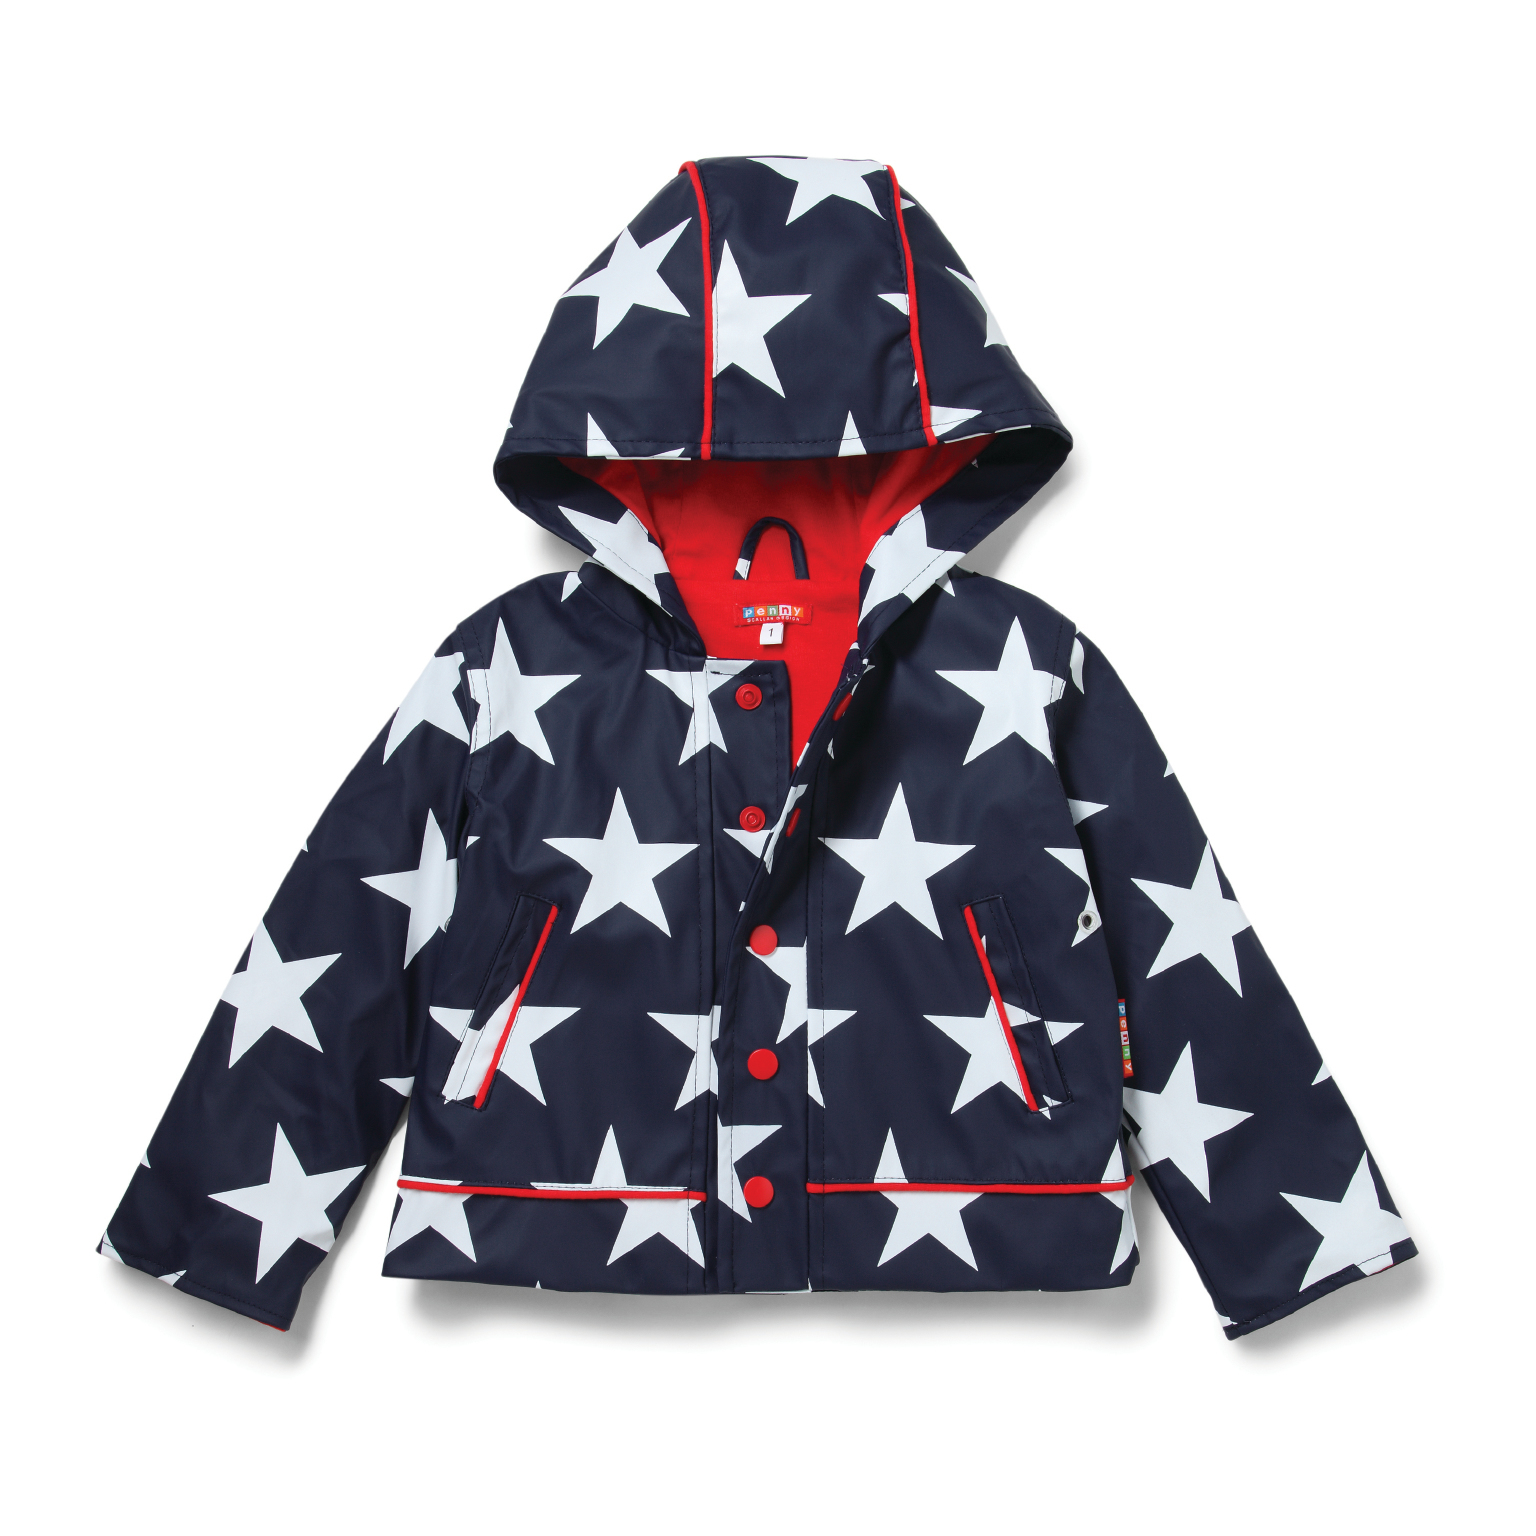 Raincoat Navy Star - Size 1-2 image